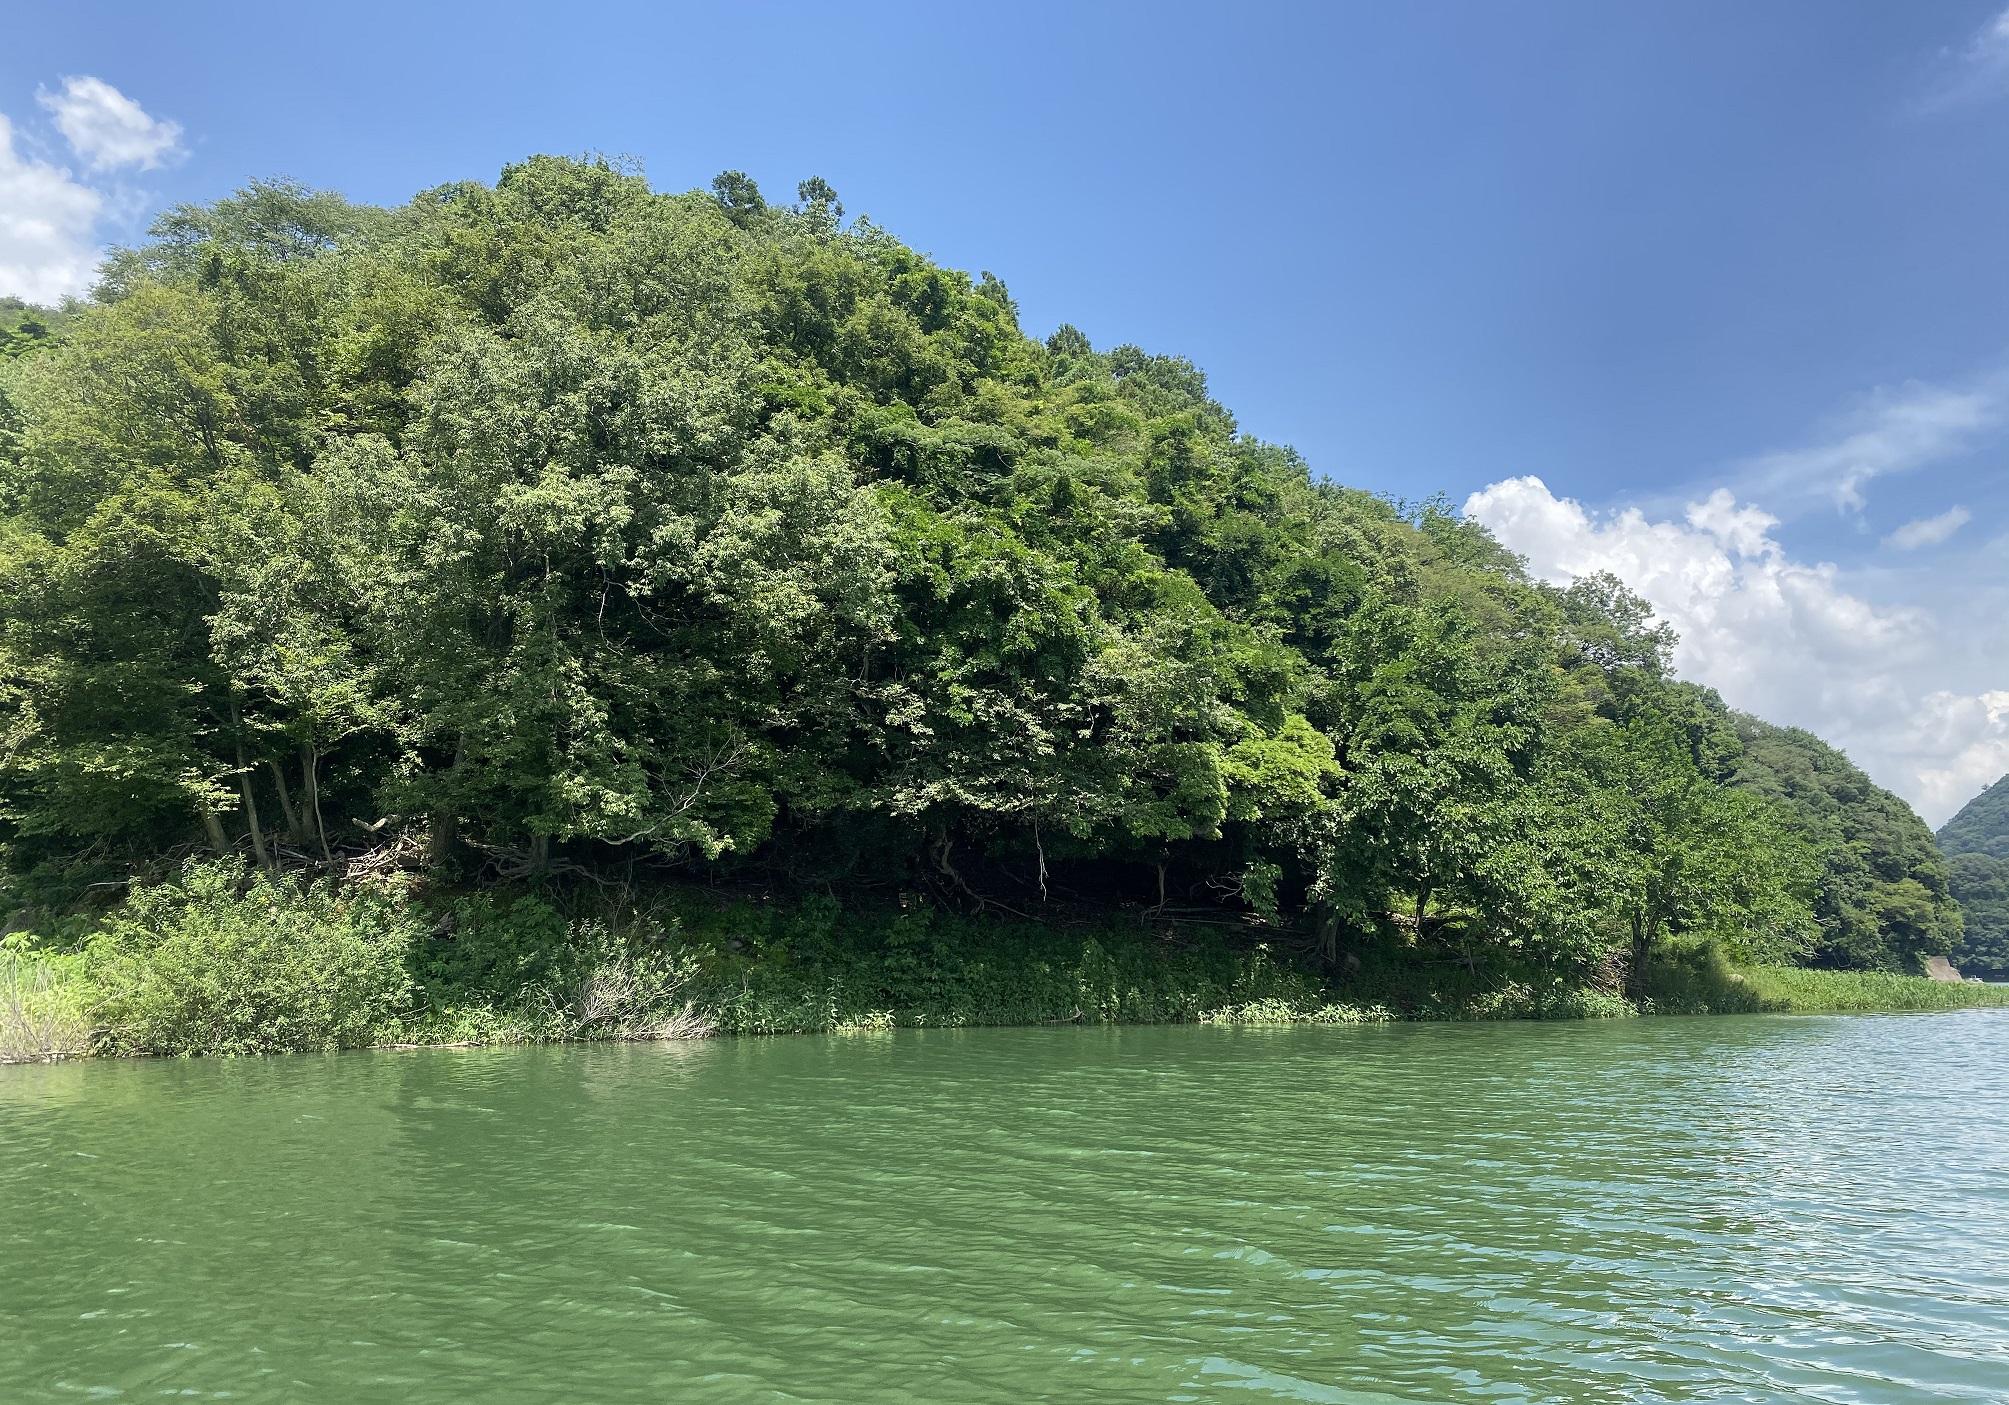 津久井湖 バス釣りポイント 神社跡